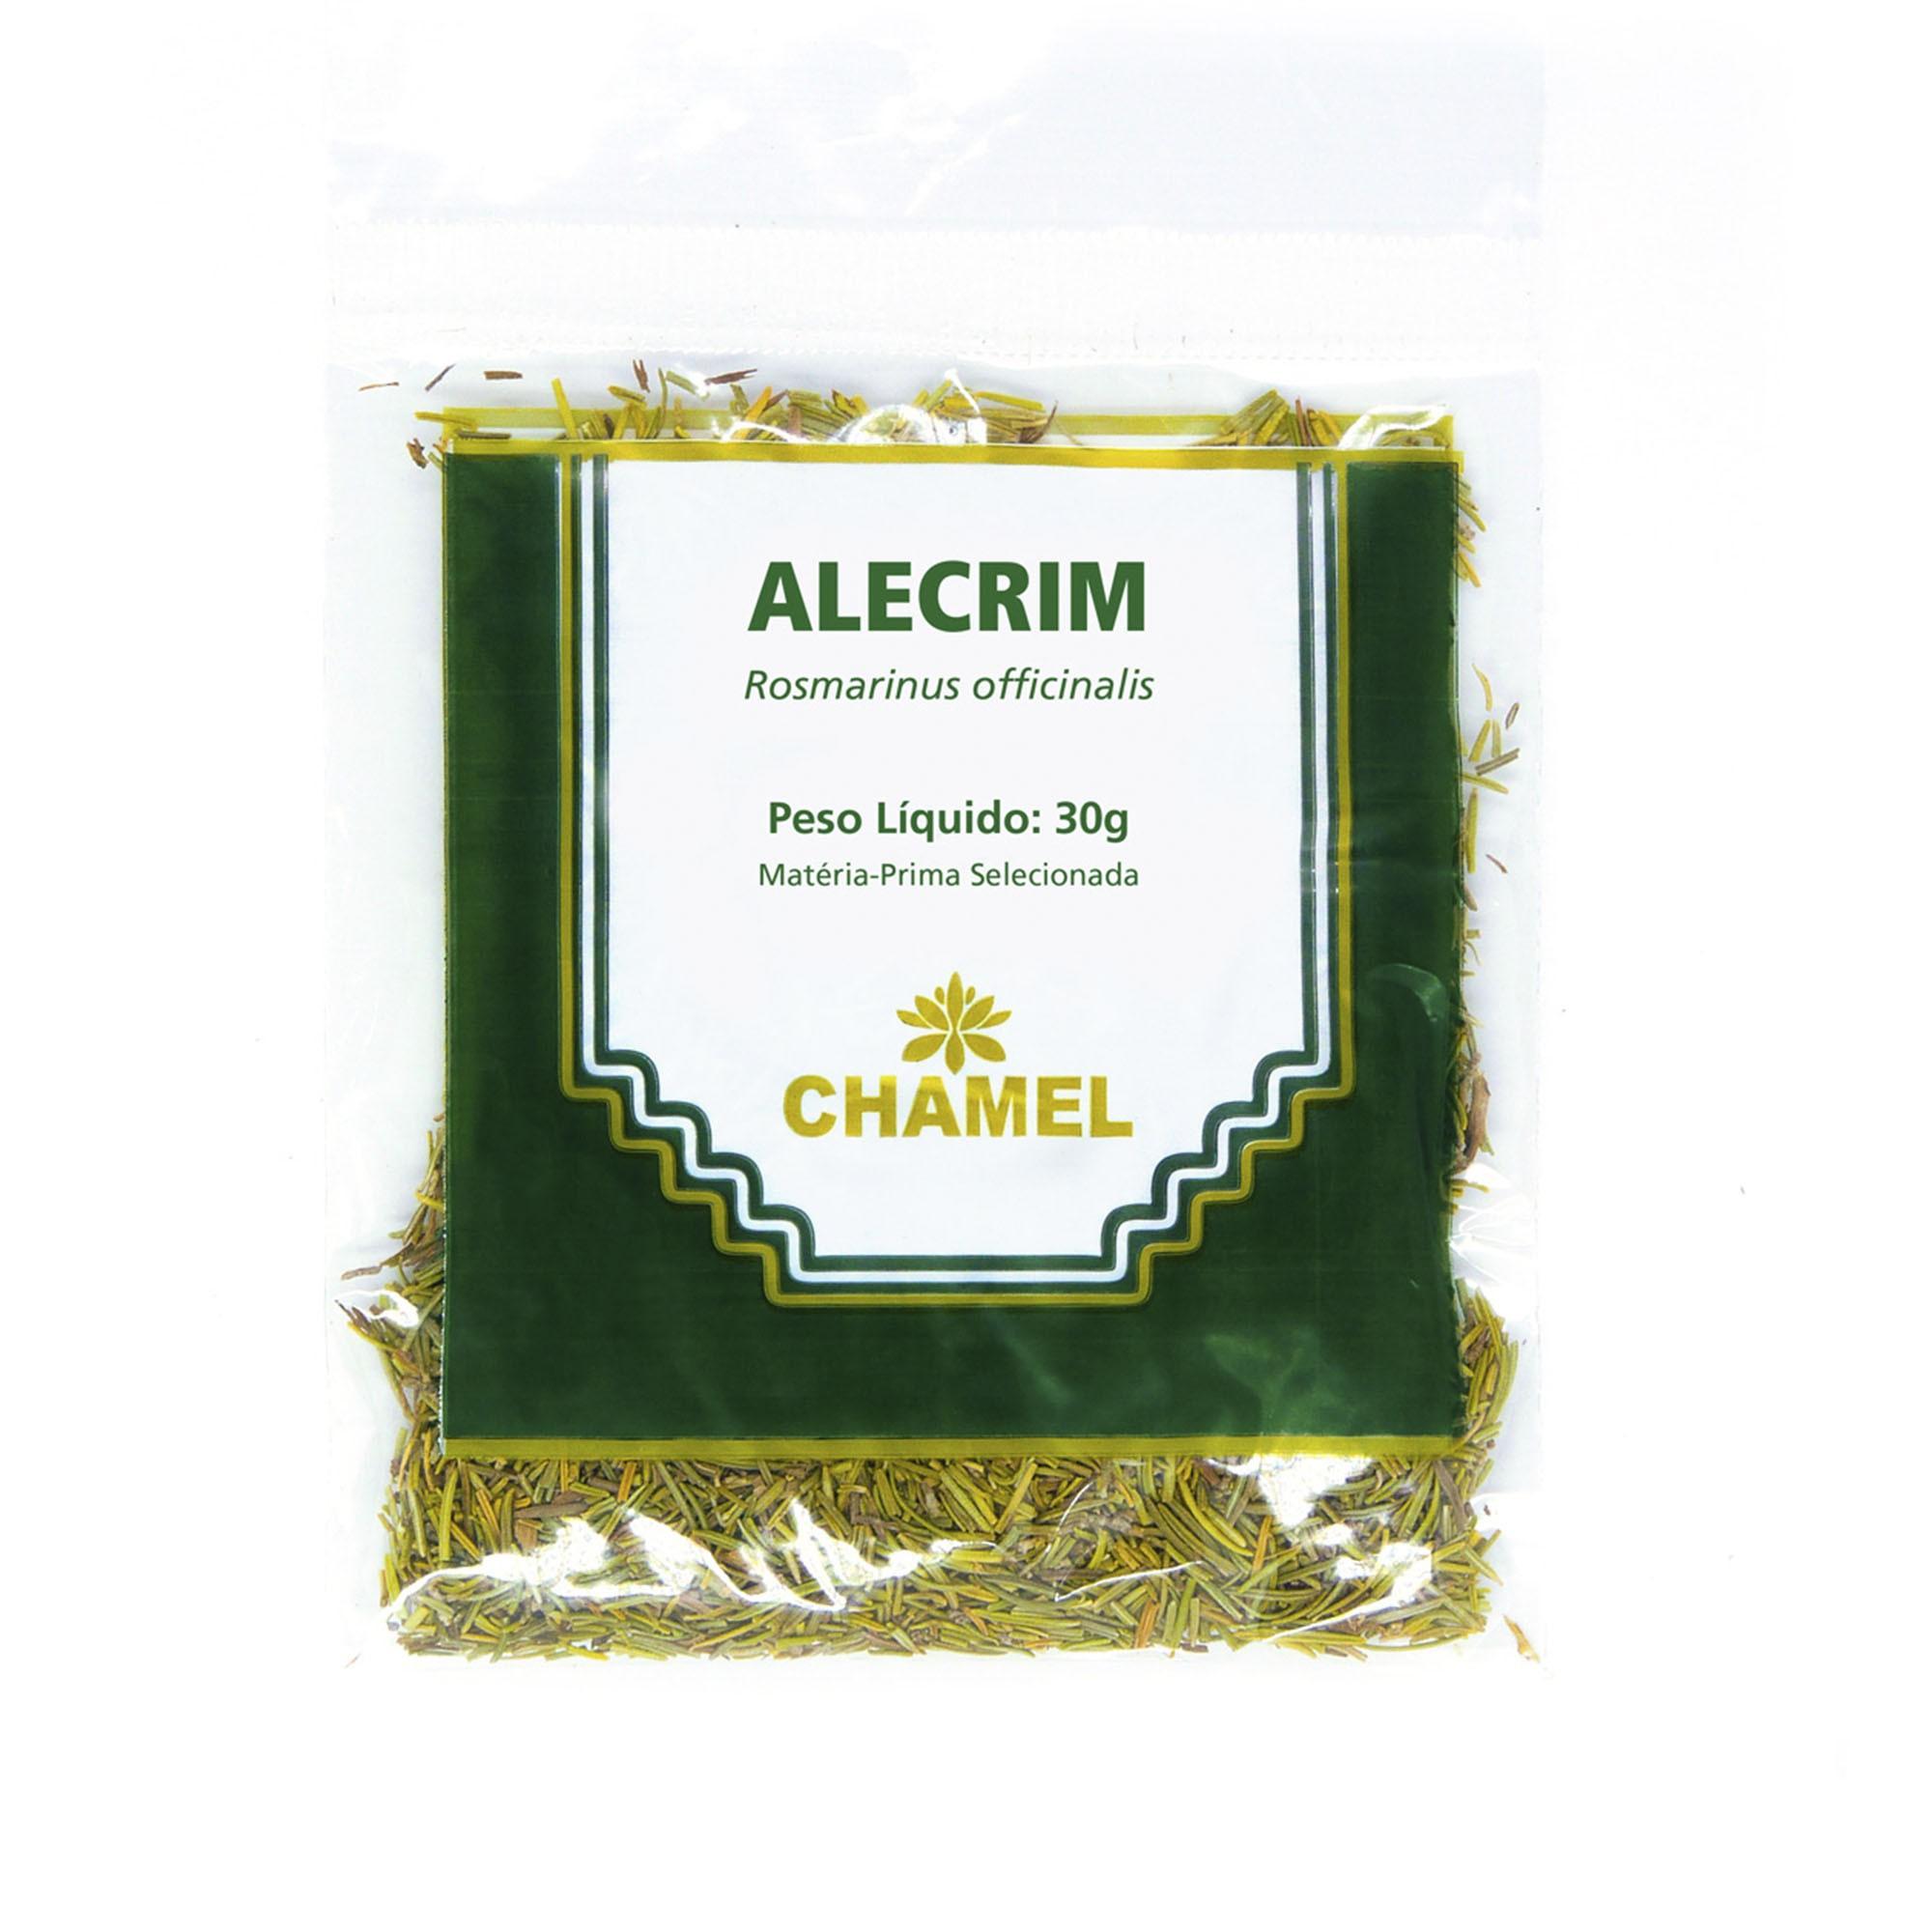 Alecrim 30g Chamel - Chá-Folhas